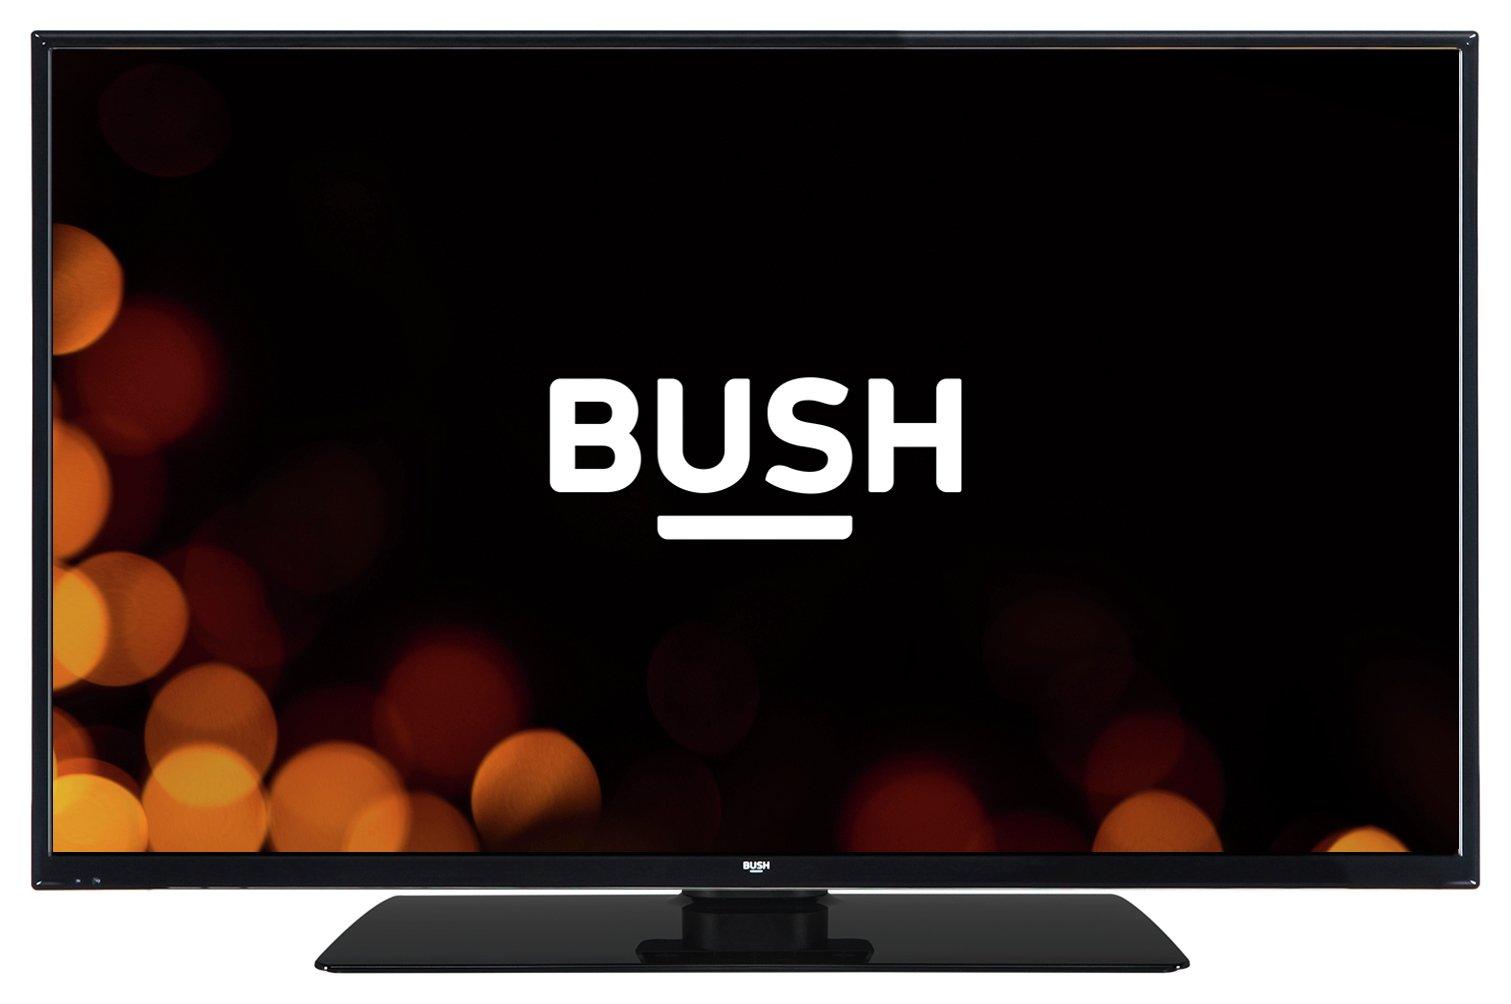 Bush 48 Inch Full HD LED TV. Review thumbnail